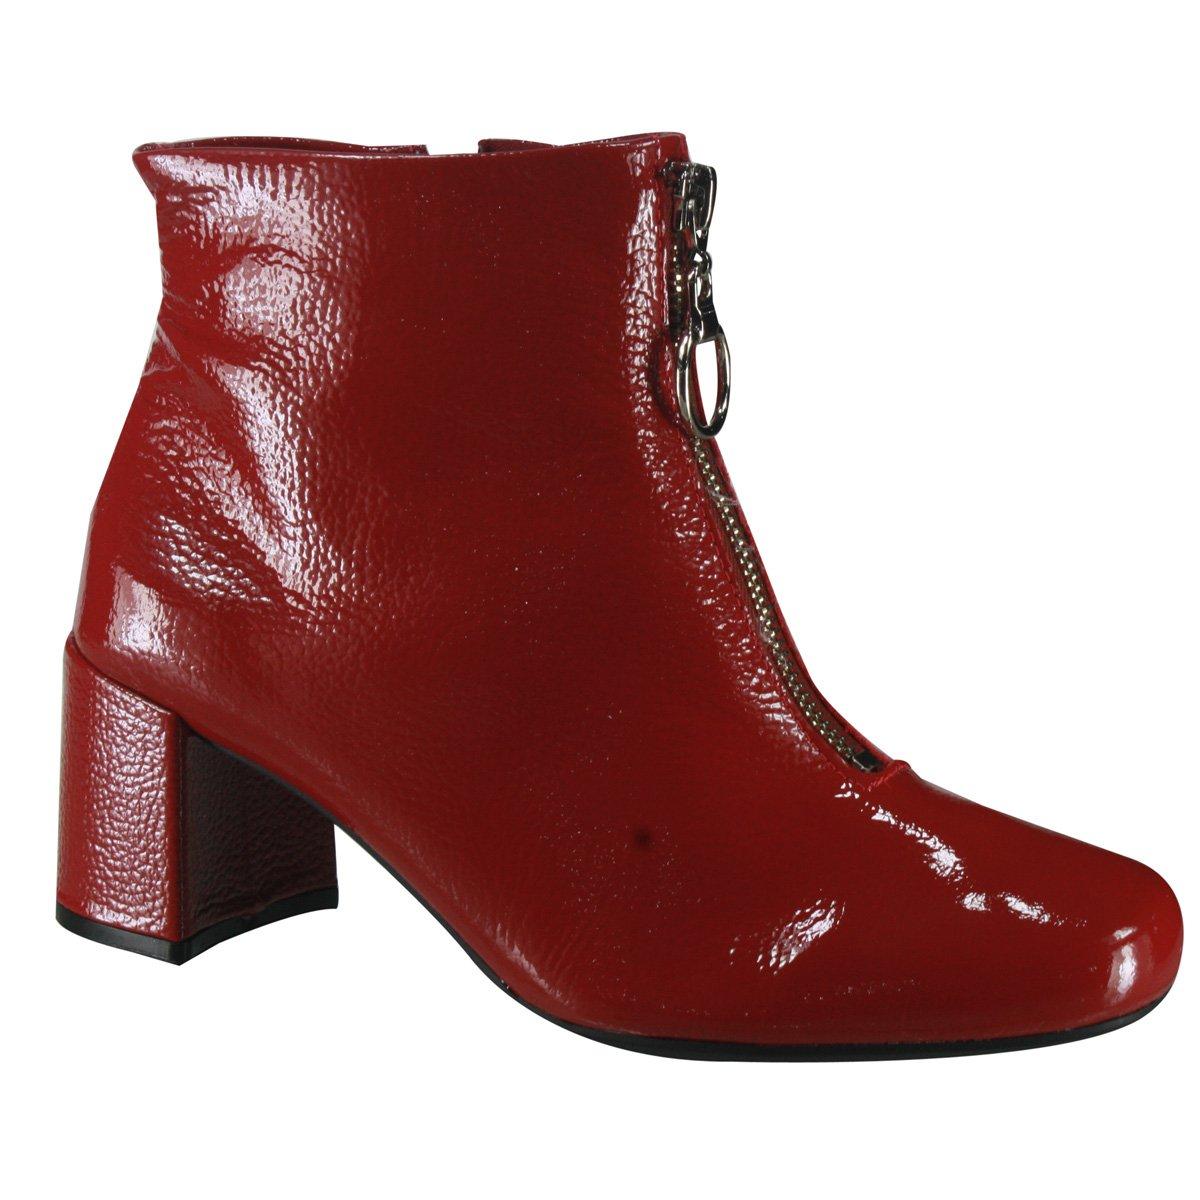 58a127186 Bota Feminina Usaflex Ankle Boot Z4207 3 - Rebu (Verniz Show ...